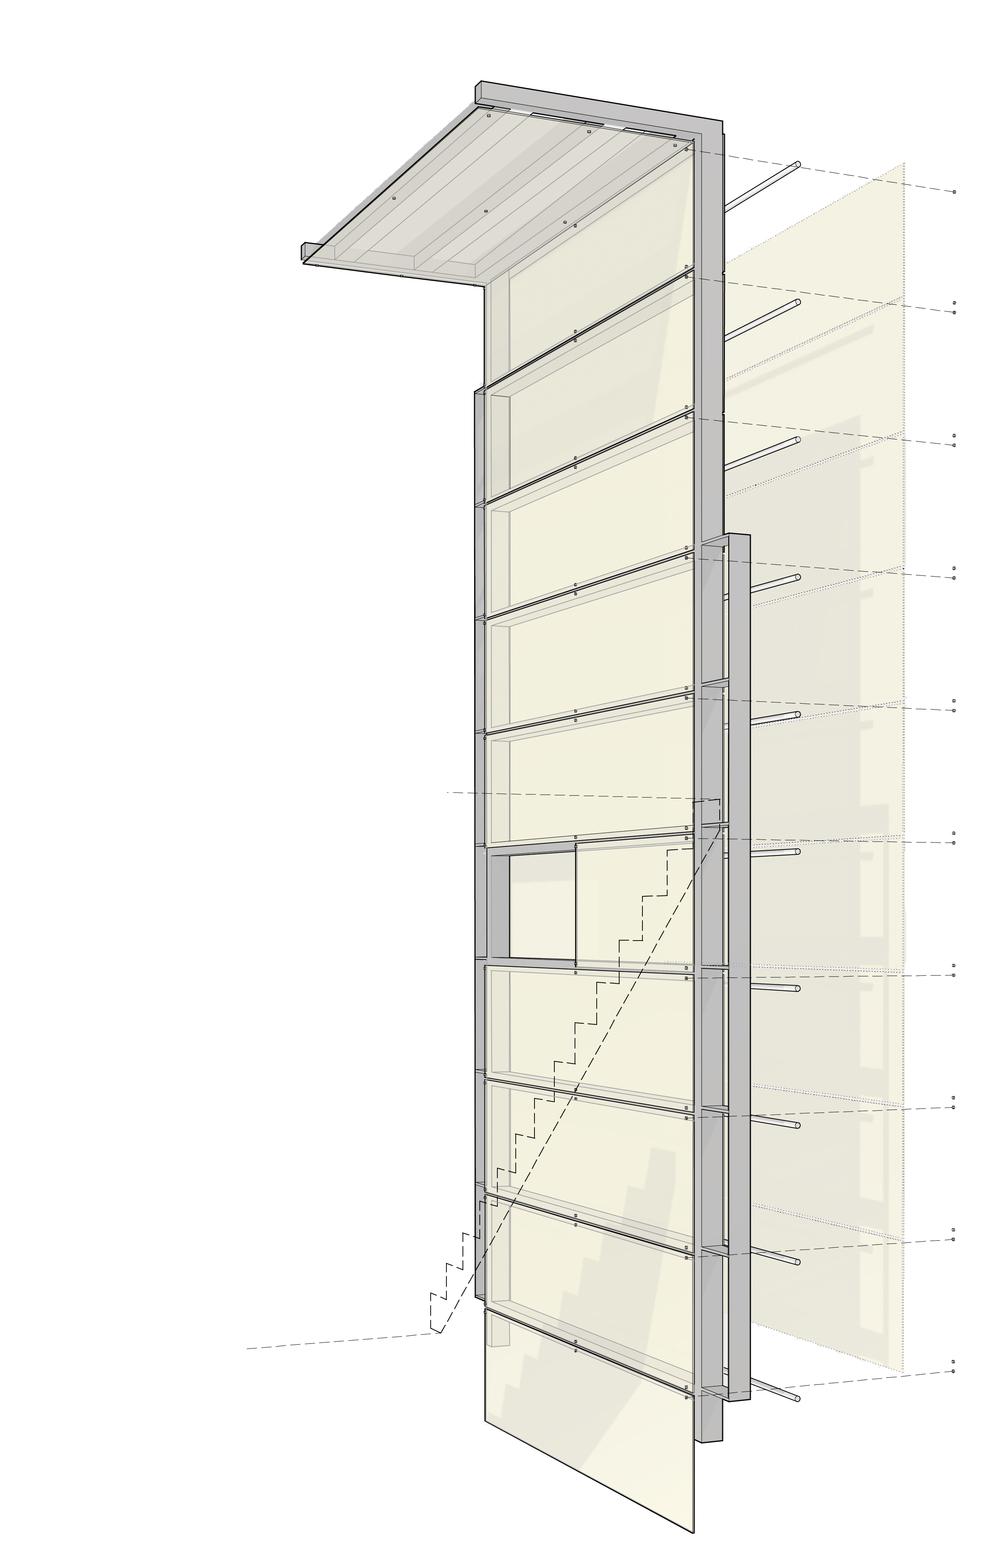 stair axon.jpg